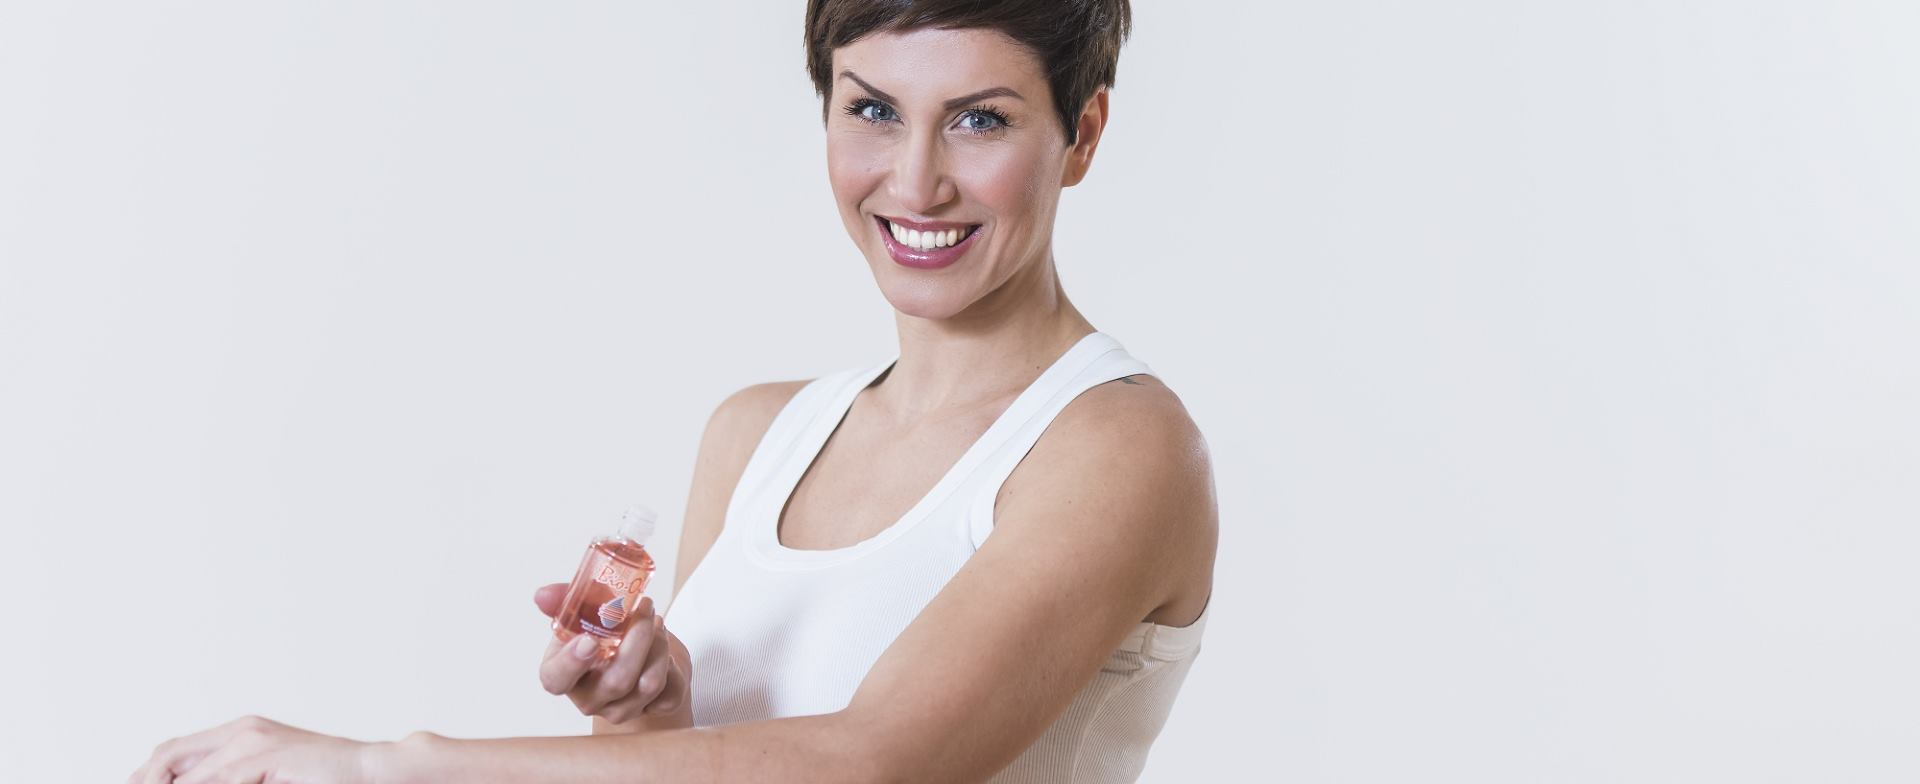 FOTO: Ana Gruica zaštitno lice za Bio-Oil u Republici Hrvatskoj